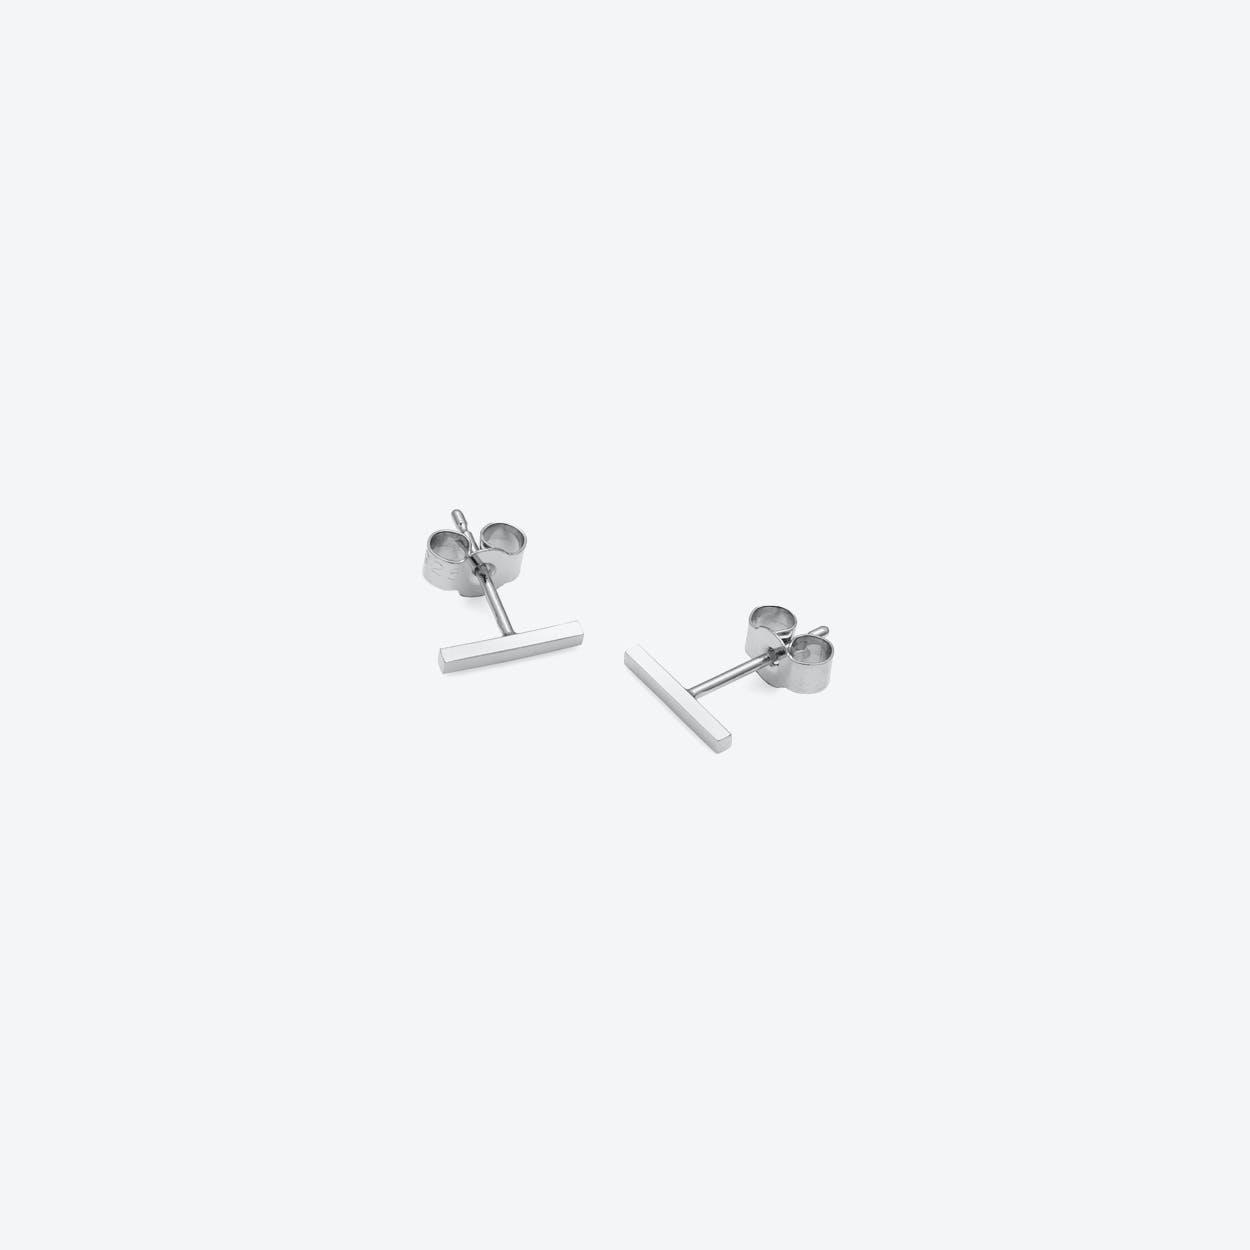 Bar Stud EarrIngs In Silver